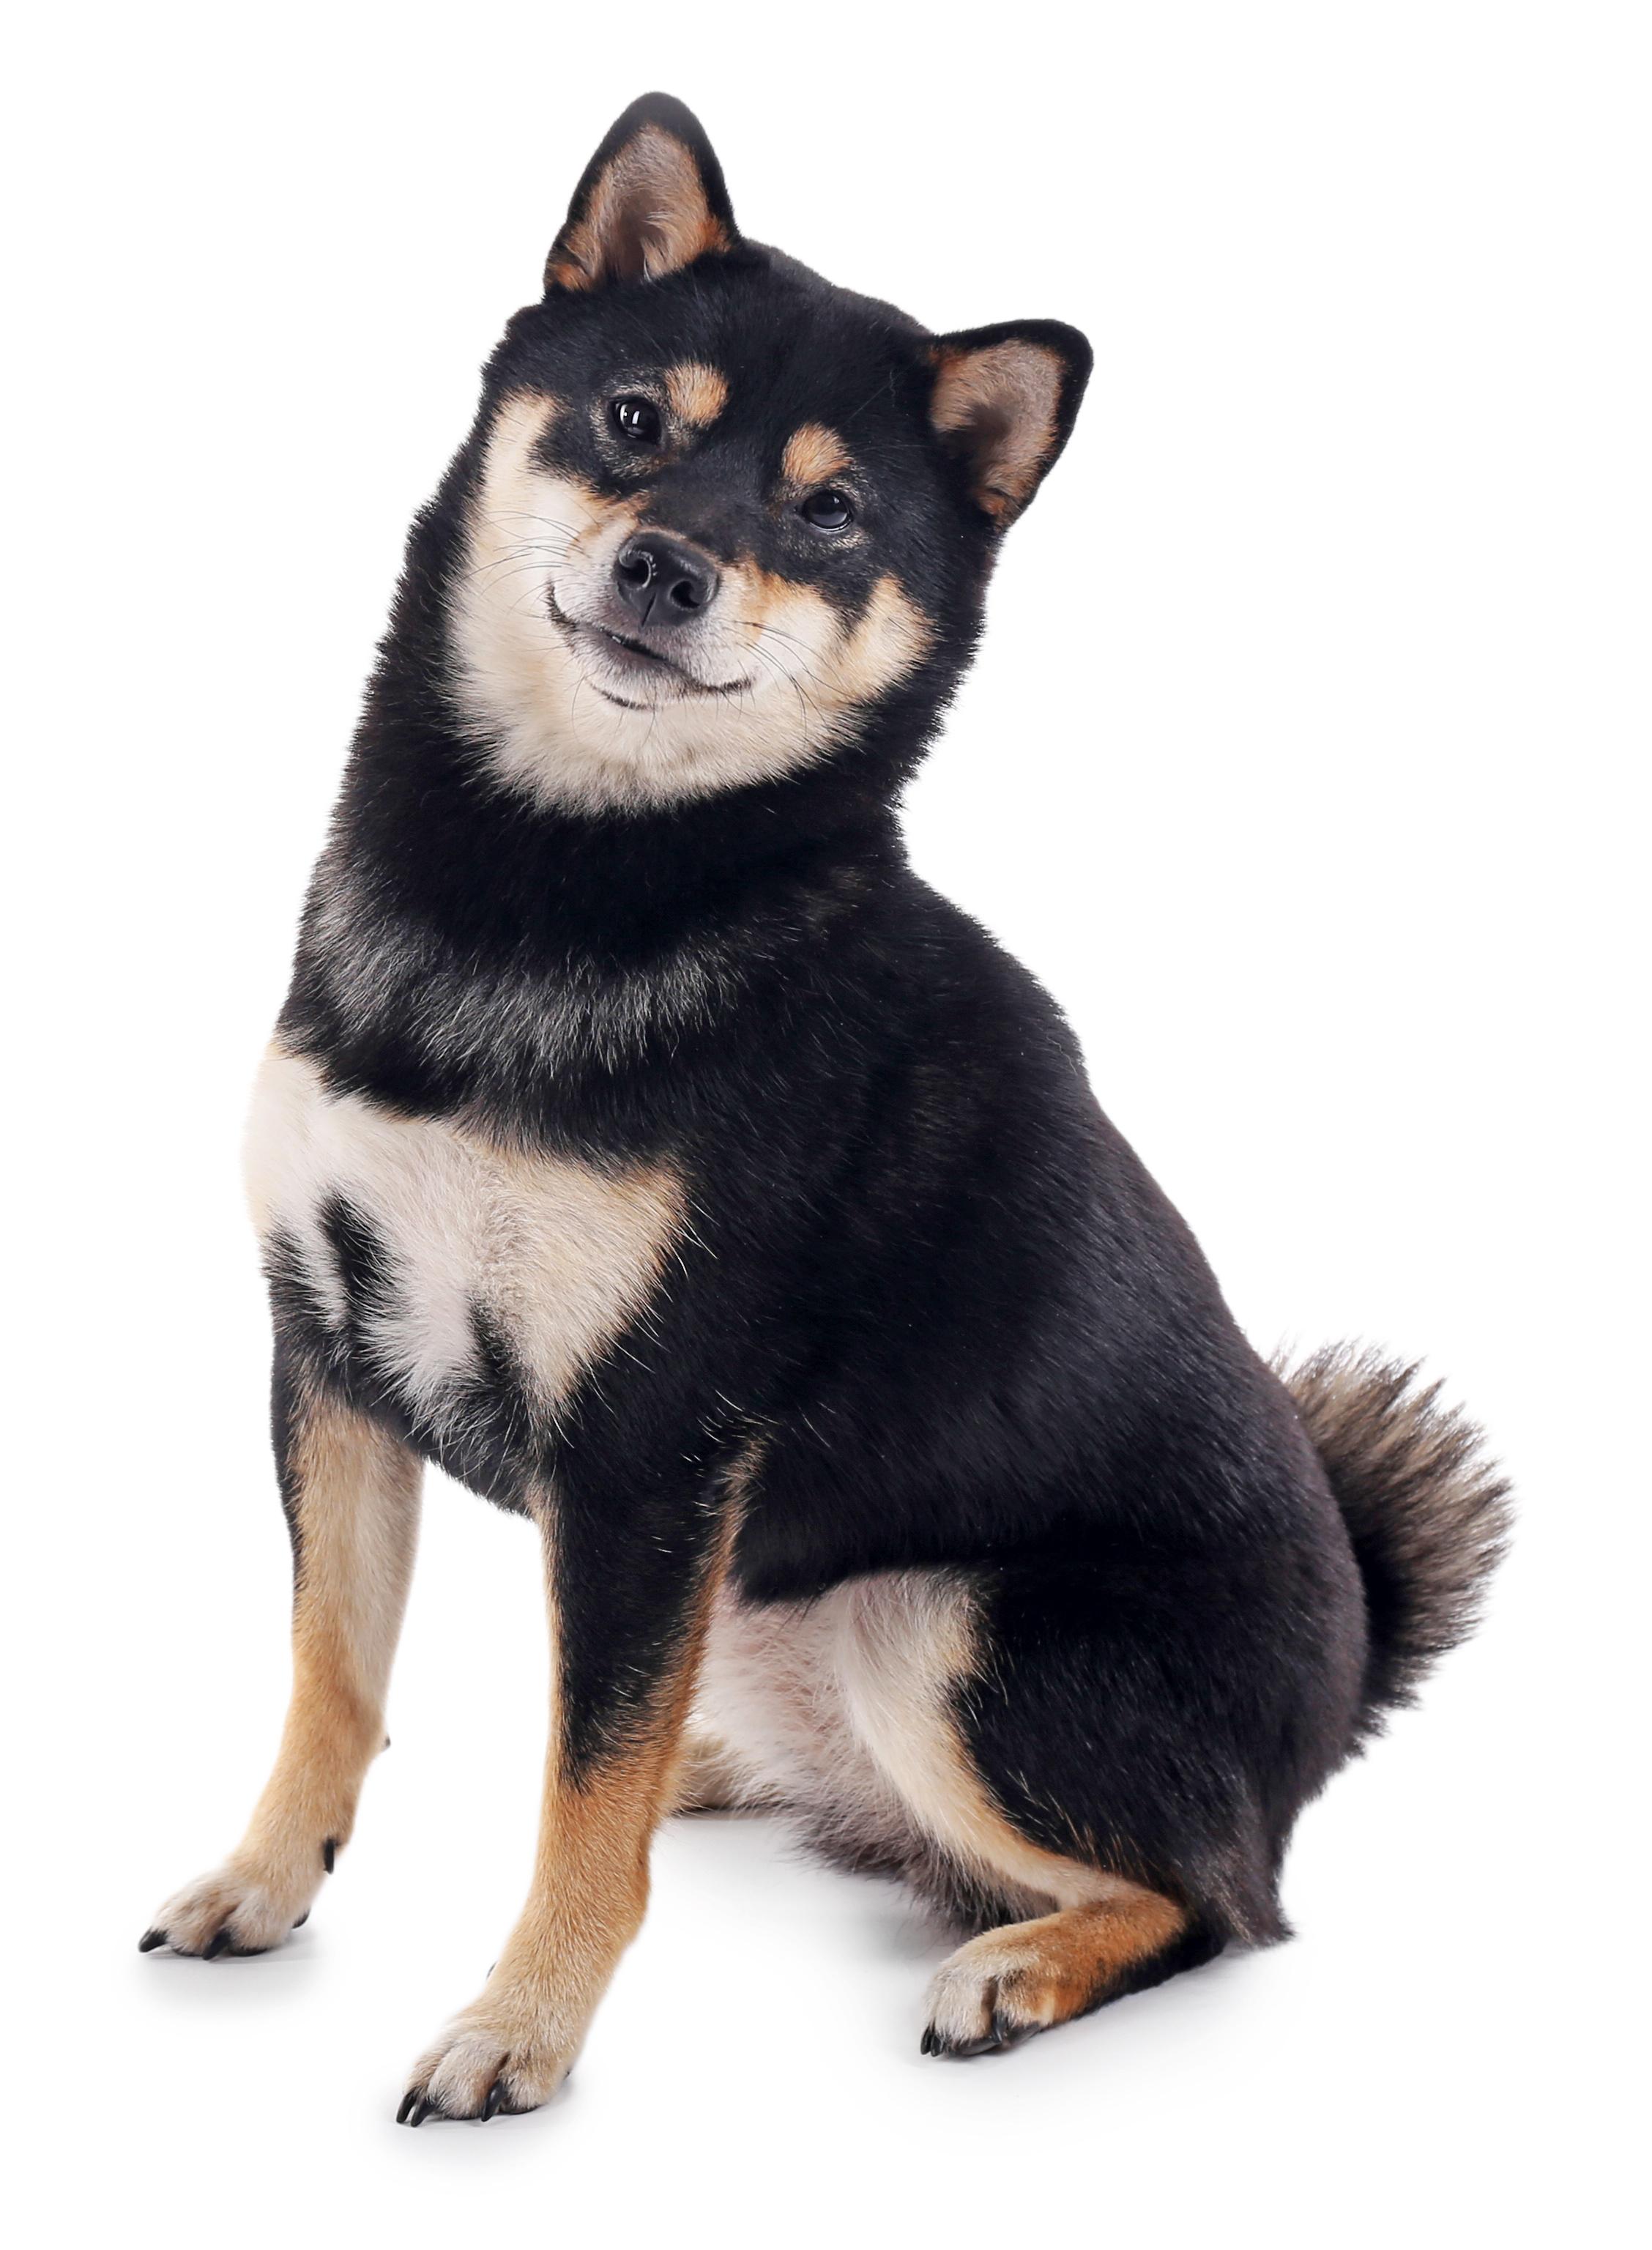 Japanese Black And White Dog